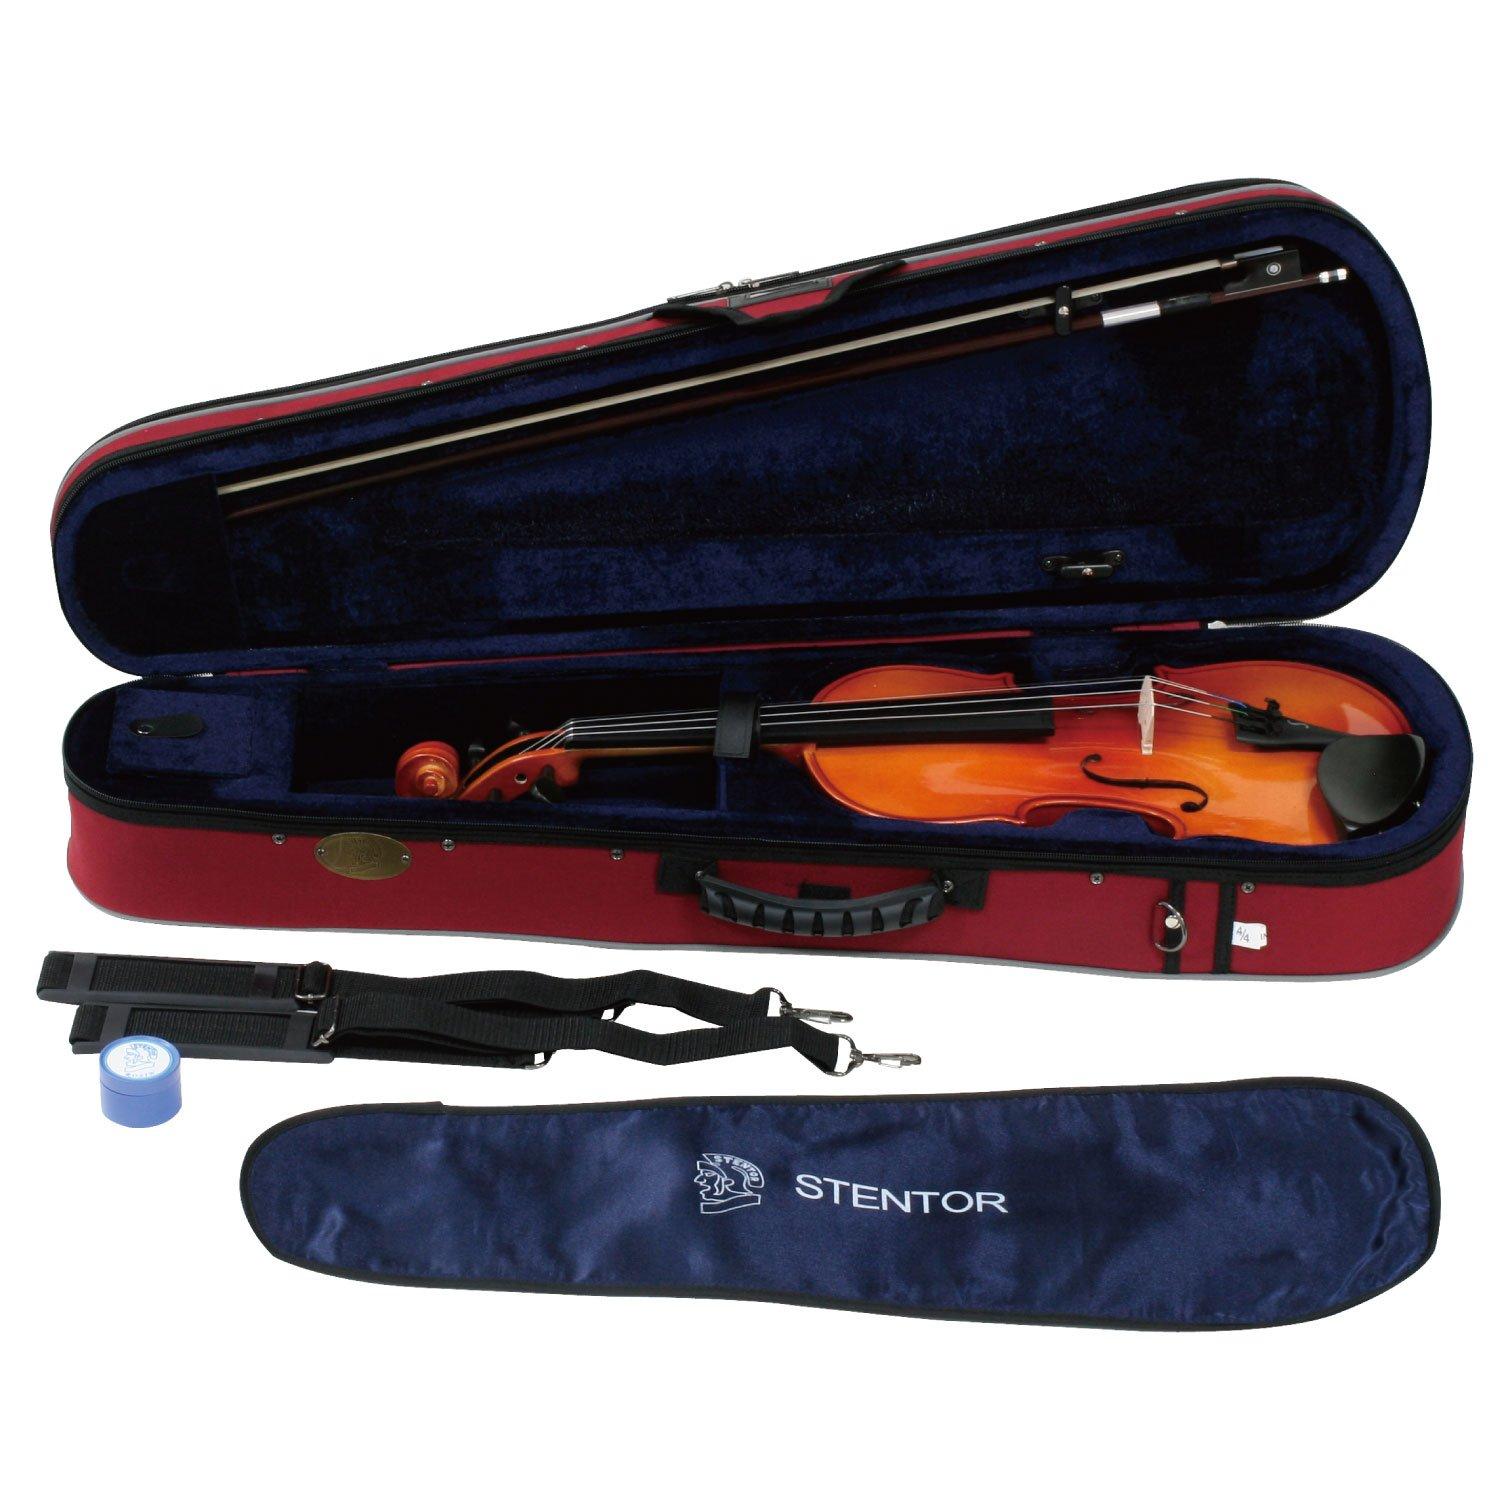 Stentor 1500 4 4 String Violin